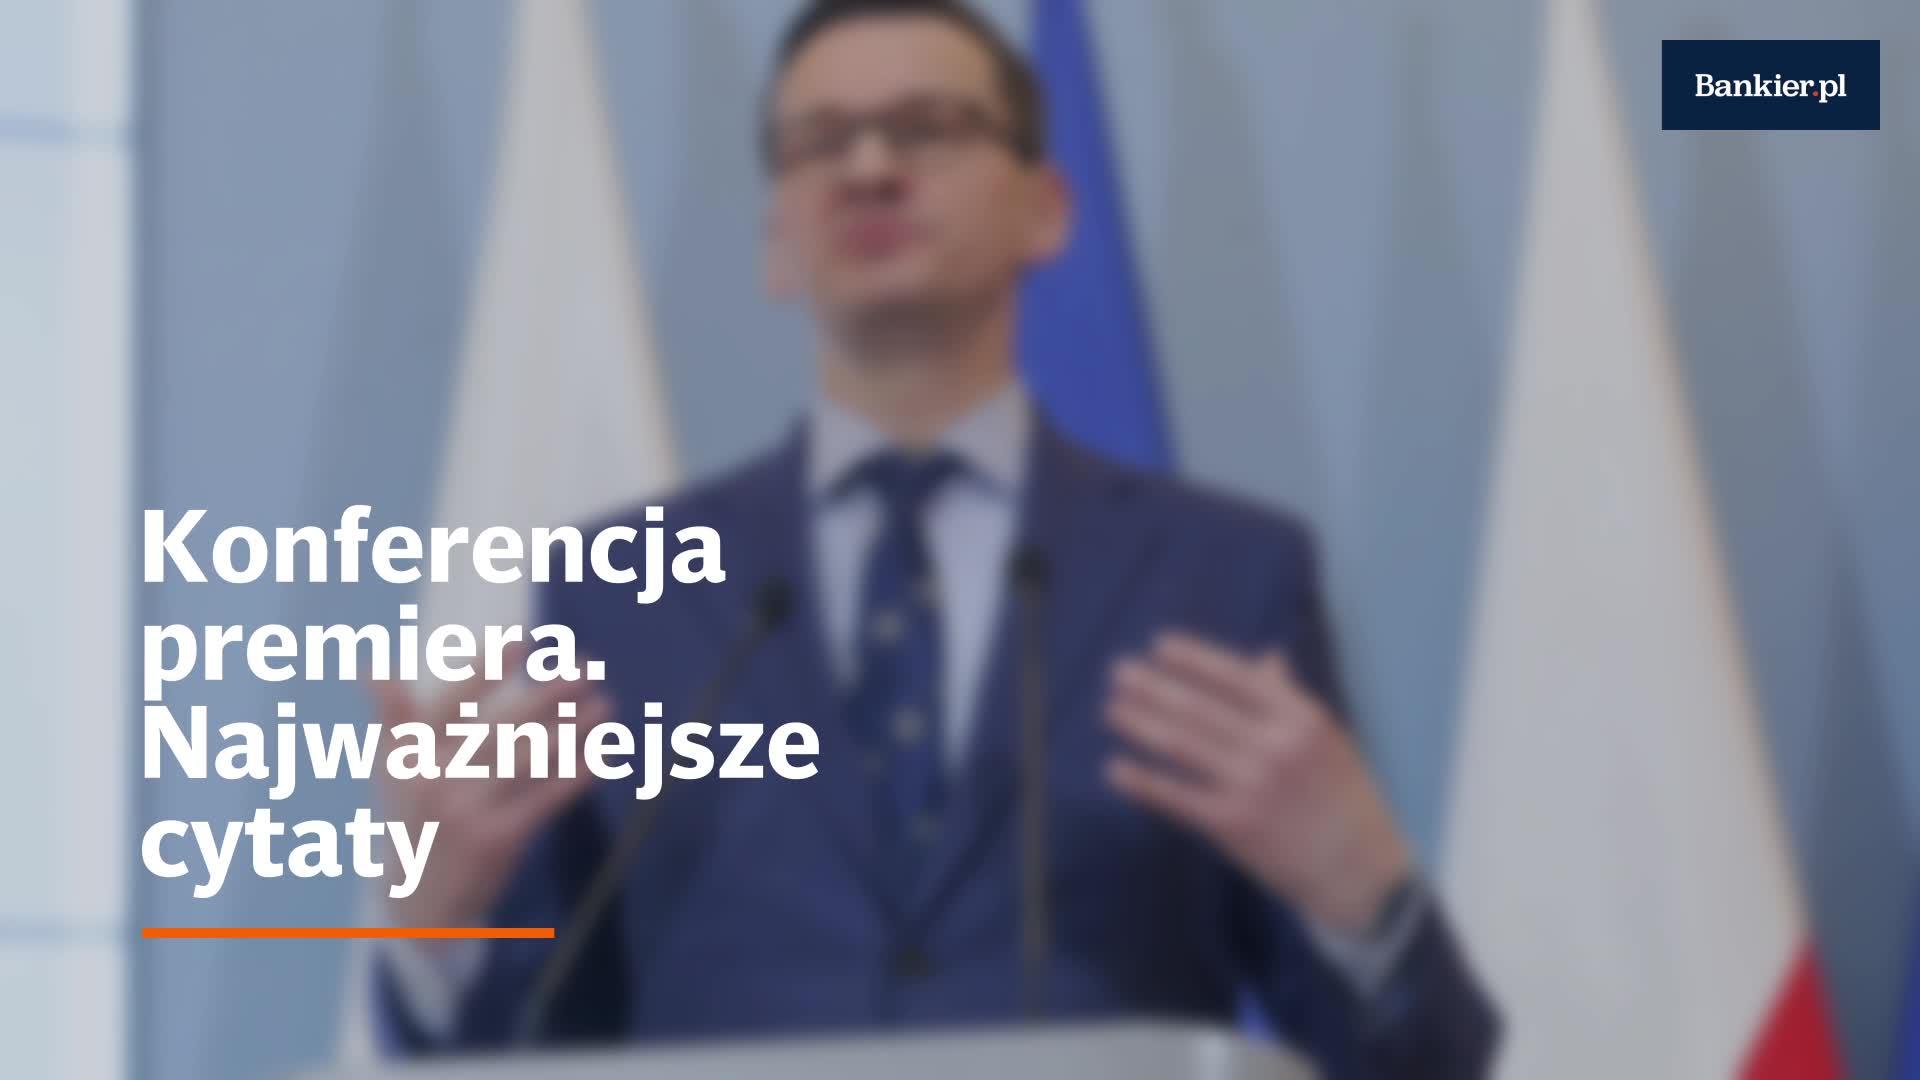 Konferencja premiera - najważniejsze cytaty